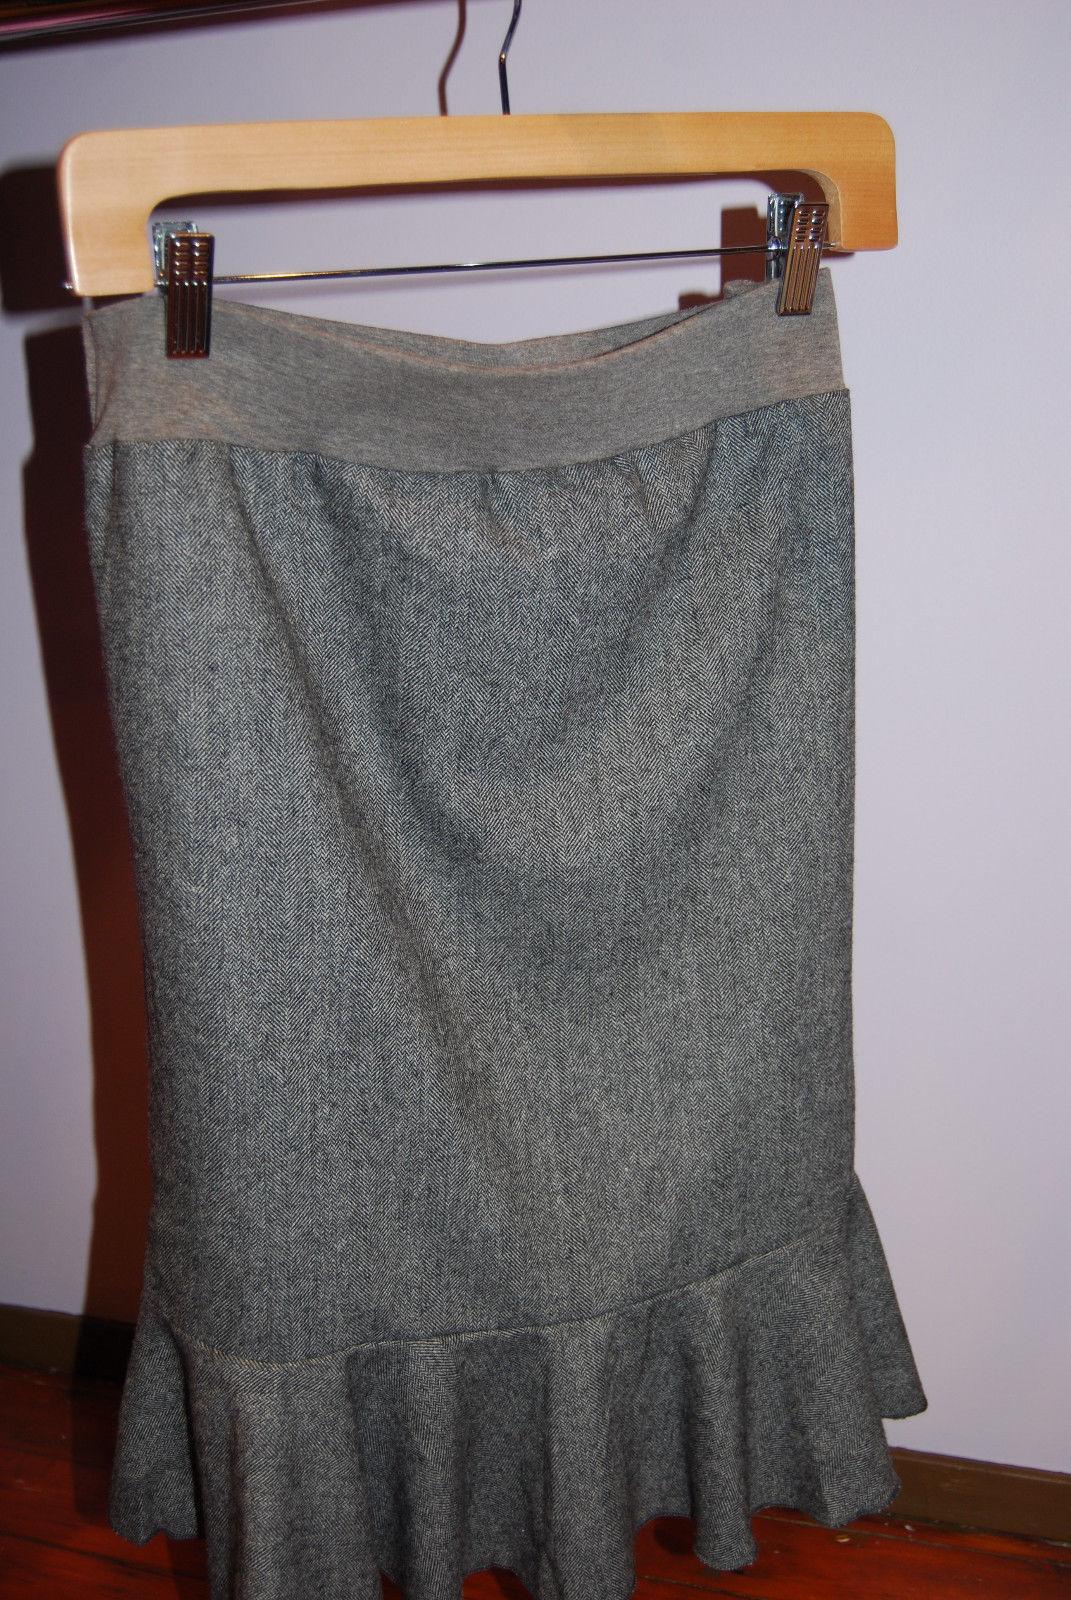 Dynashape-Grey-Maternity-Pencil-Skirt - Large - US 10-12